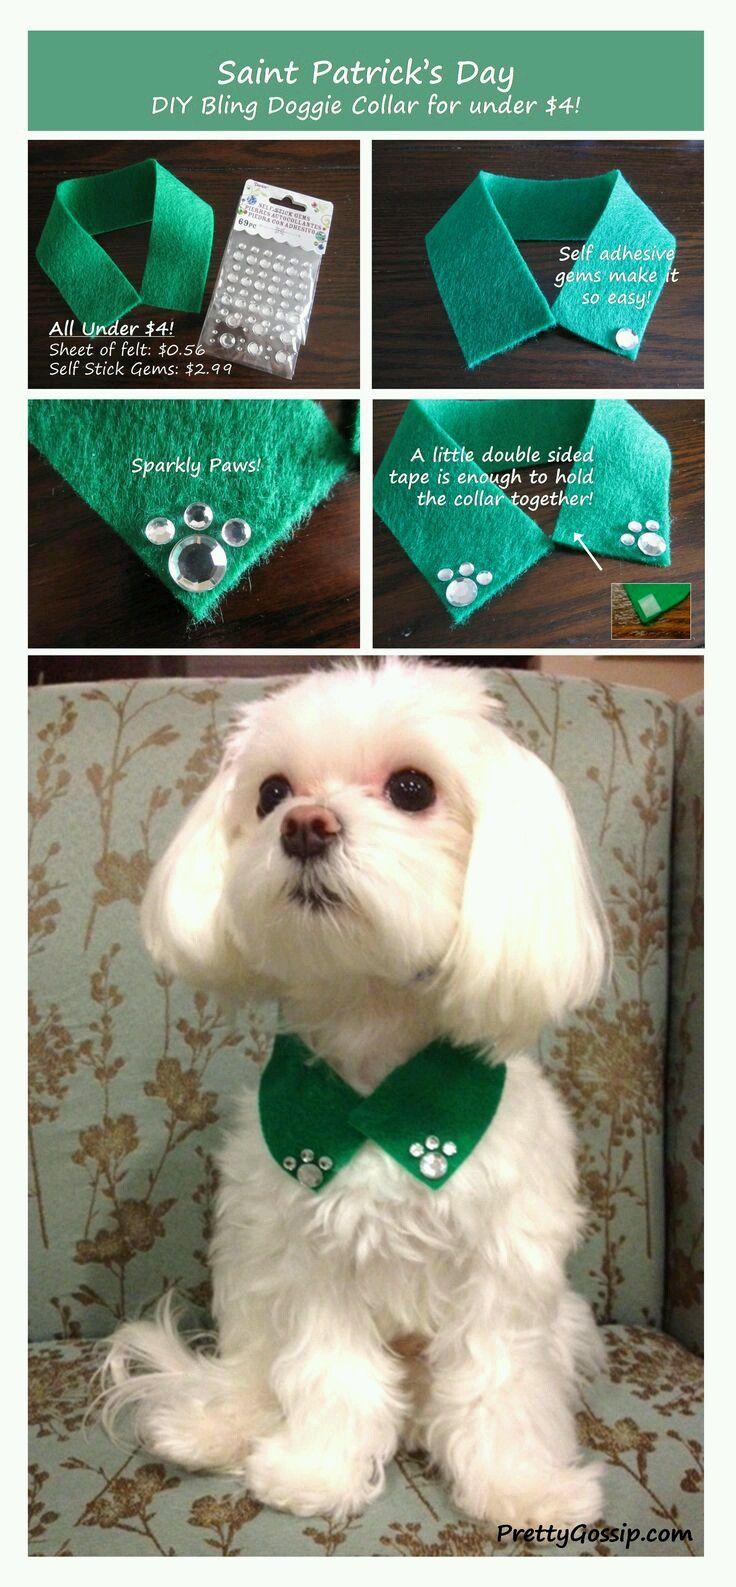 Moda para Perros y Gatos Somos SLEEPETS™ La Marca que consiente a tu mascota. Contáctenos y cotice con nosotros el diseño ideal para tu mascota! http://sleepets.wix.com/sleepets